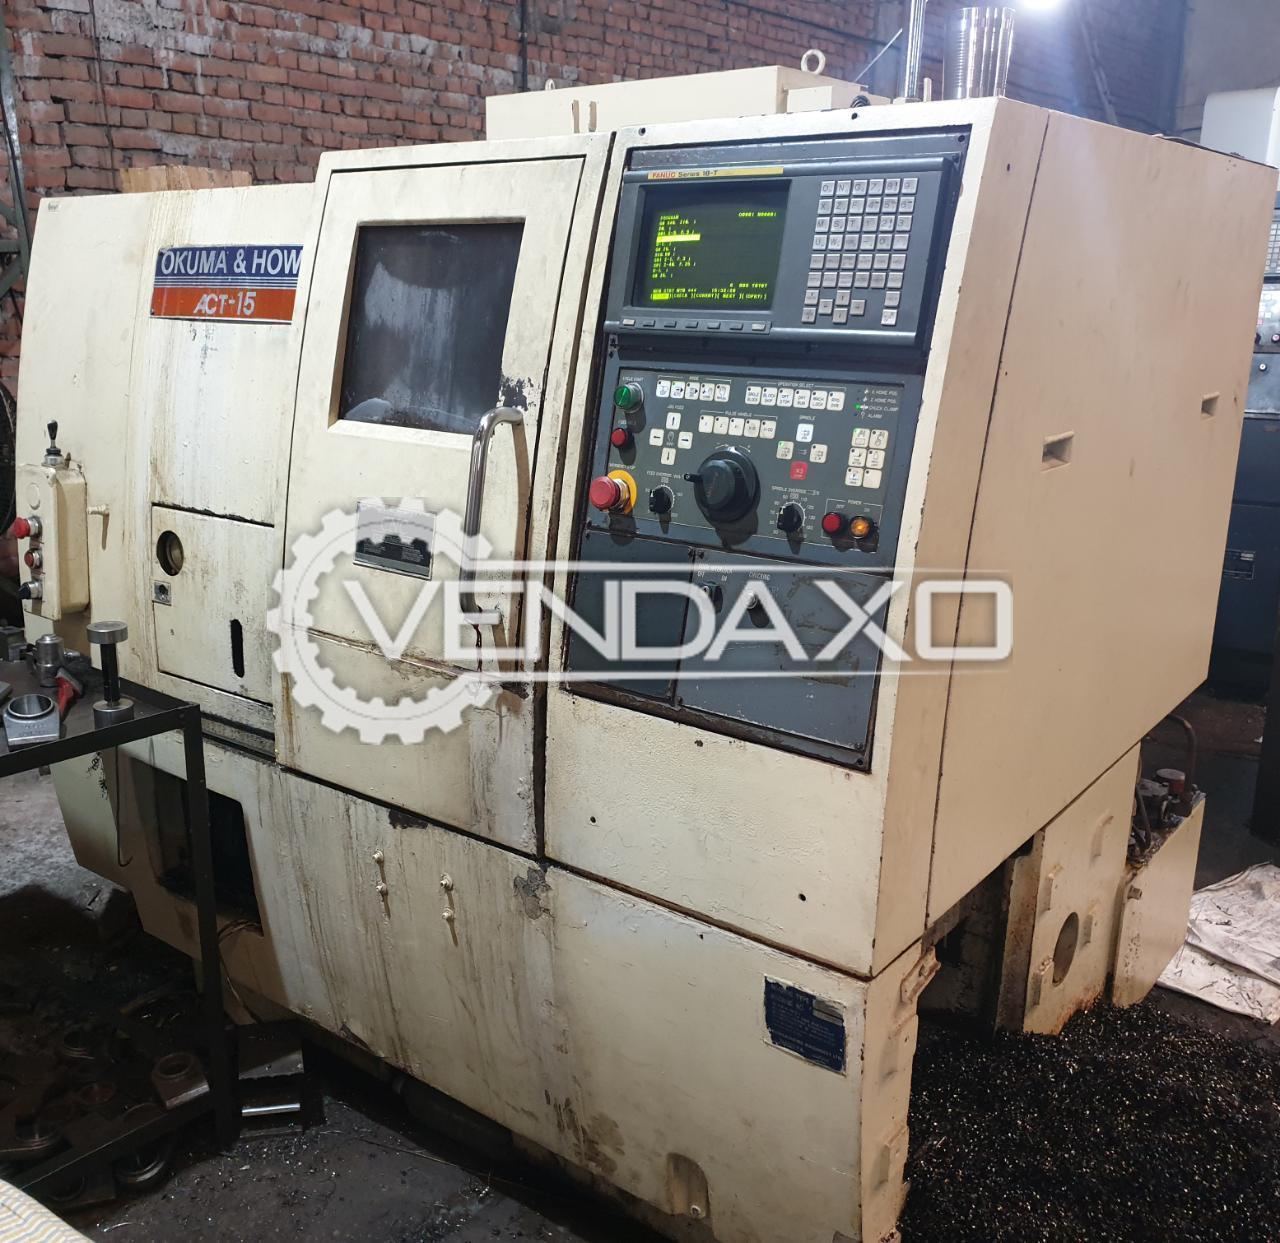 OKUMA ACT 15 CNC Lathe Machine - Turning Length - 320 mm